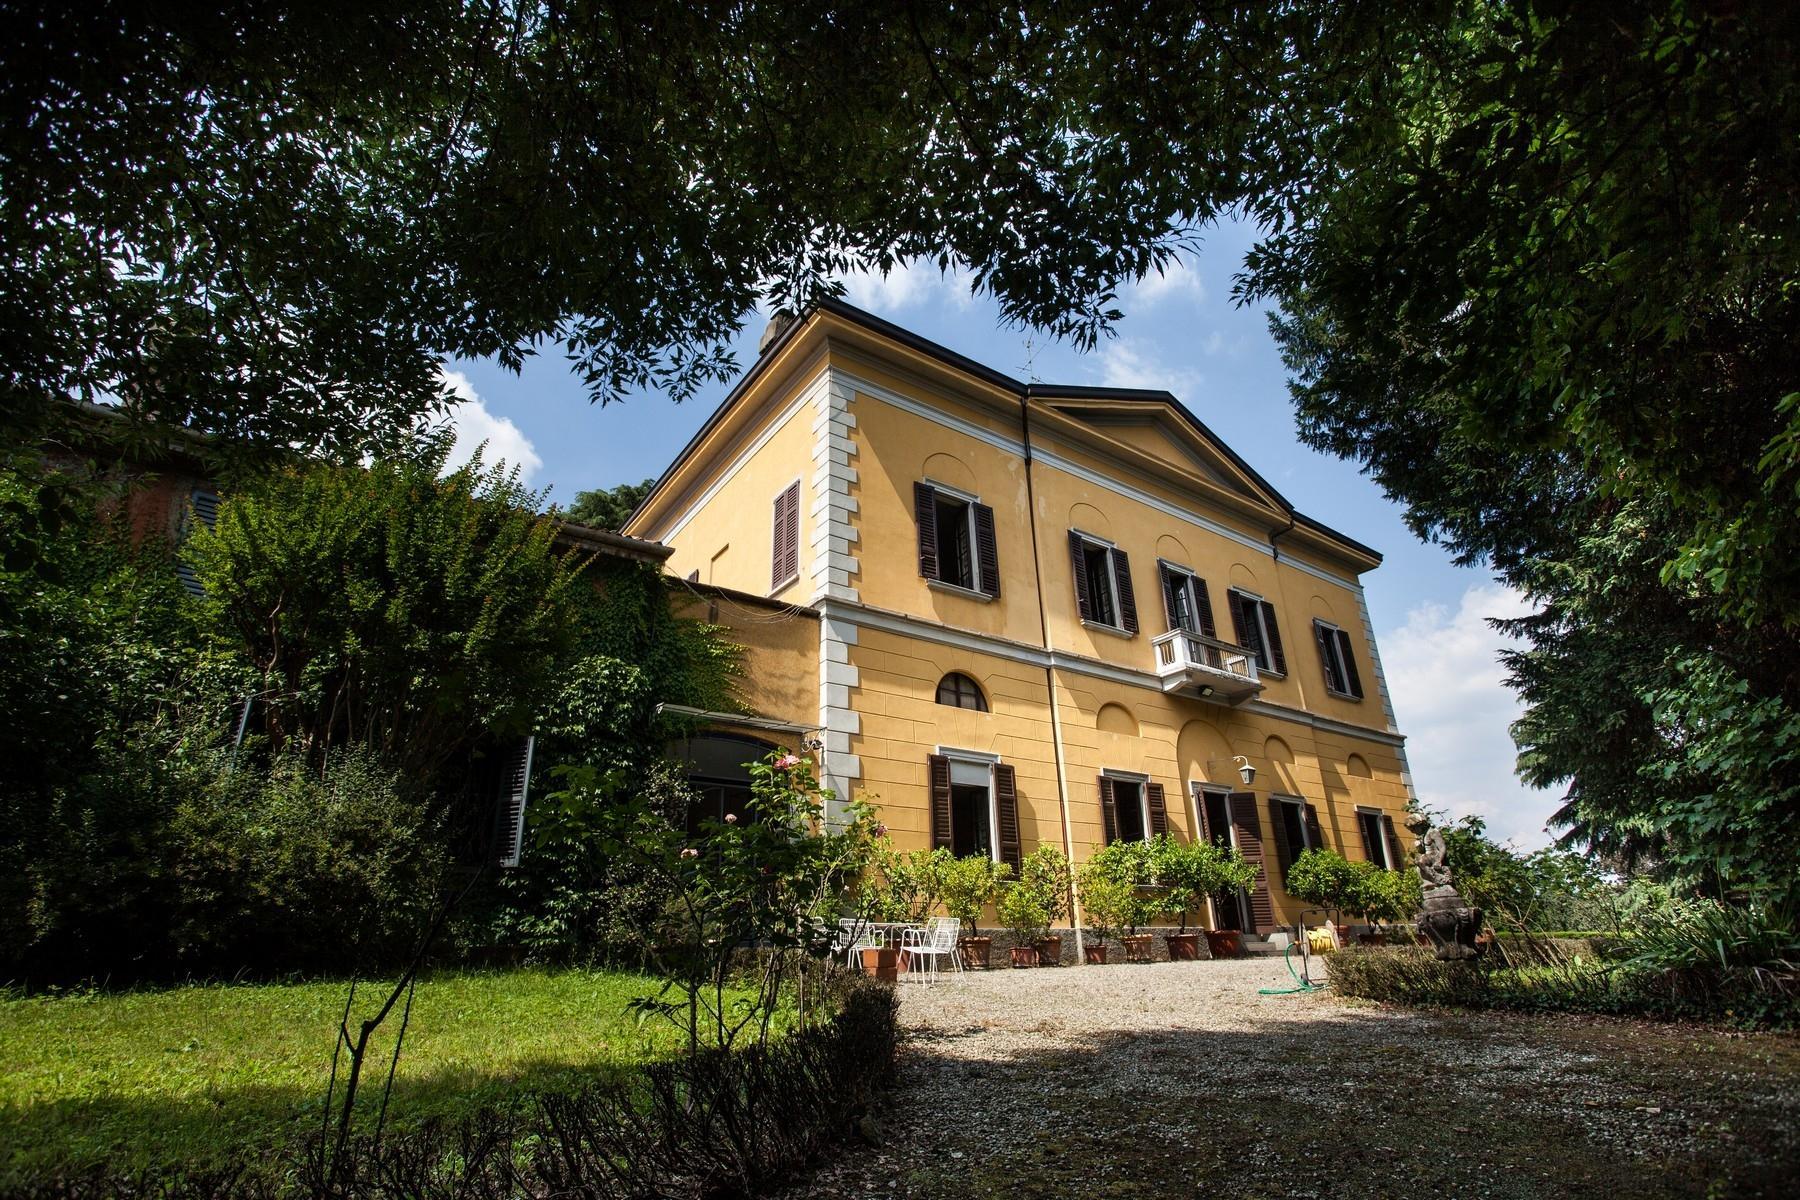 Elégante villa historique dans un parc botanique - 2